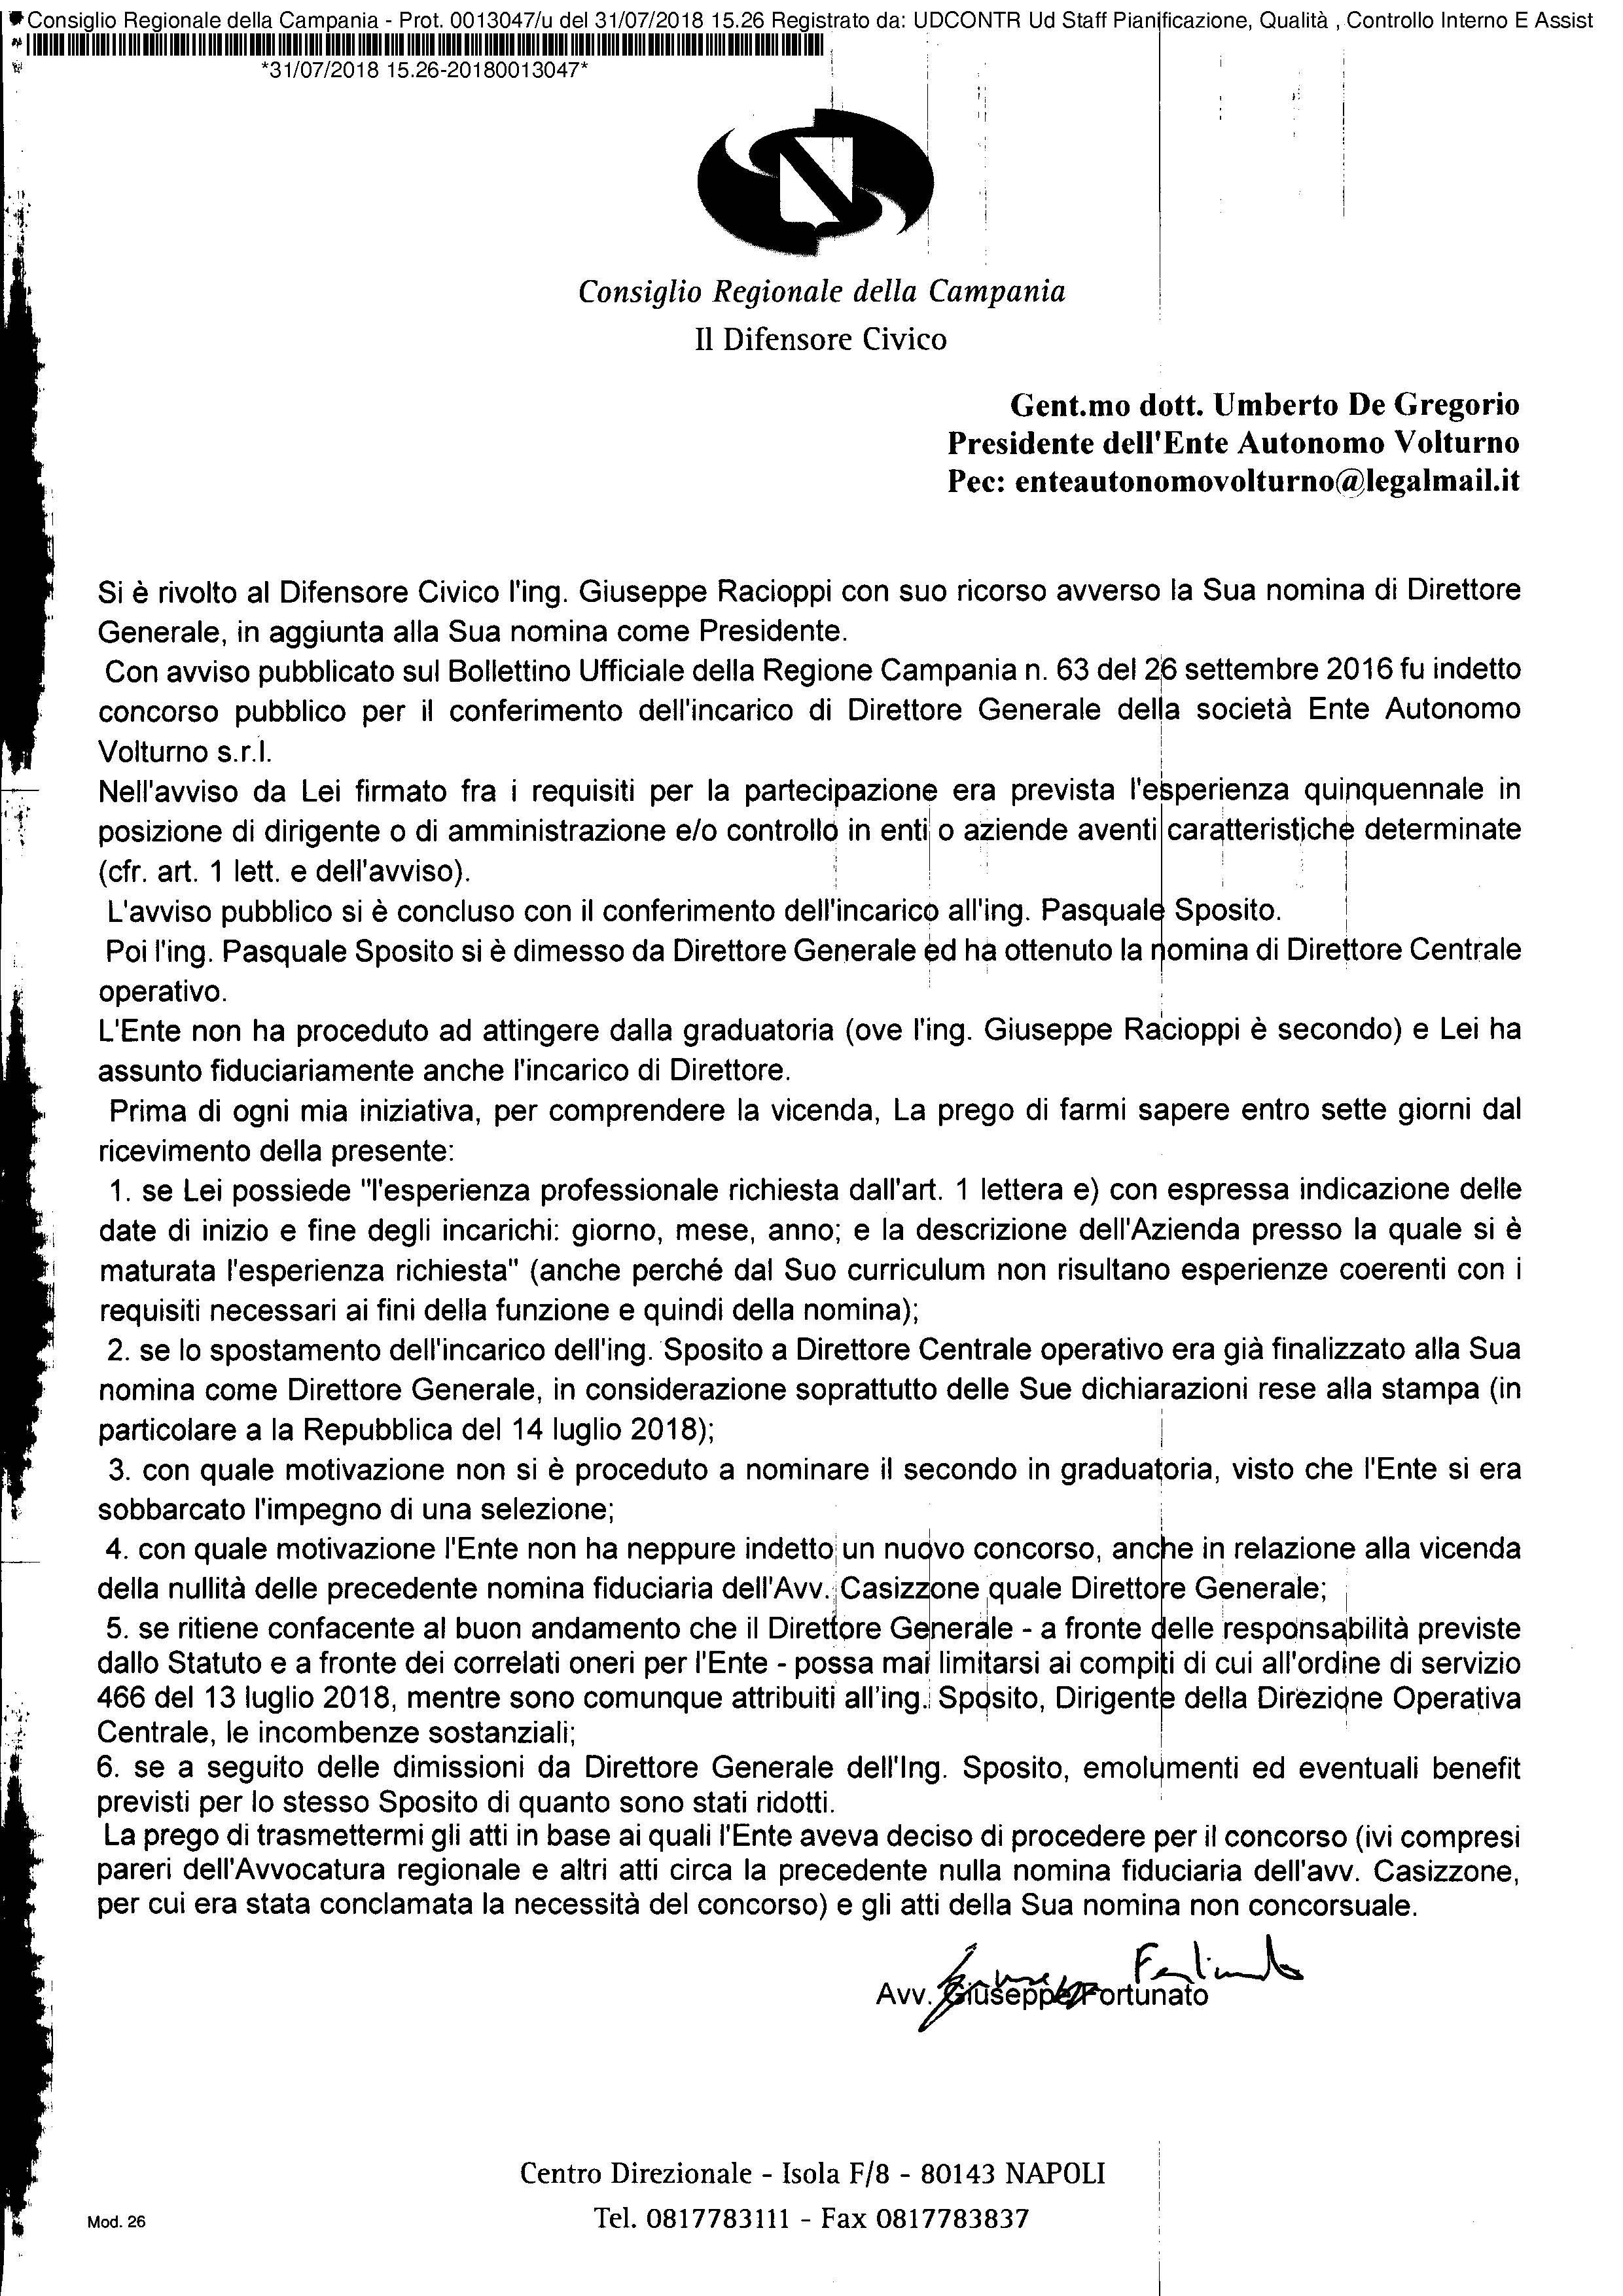 Difensore Civico Regione Campania - Ente Autonomo Volturno e il pasticcio della presidenza